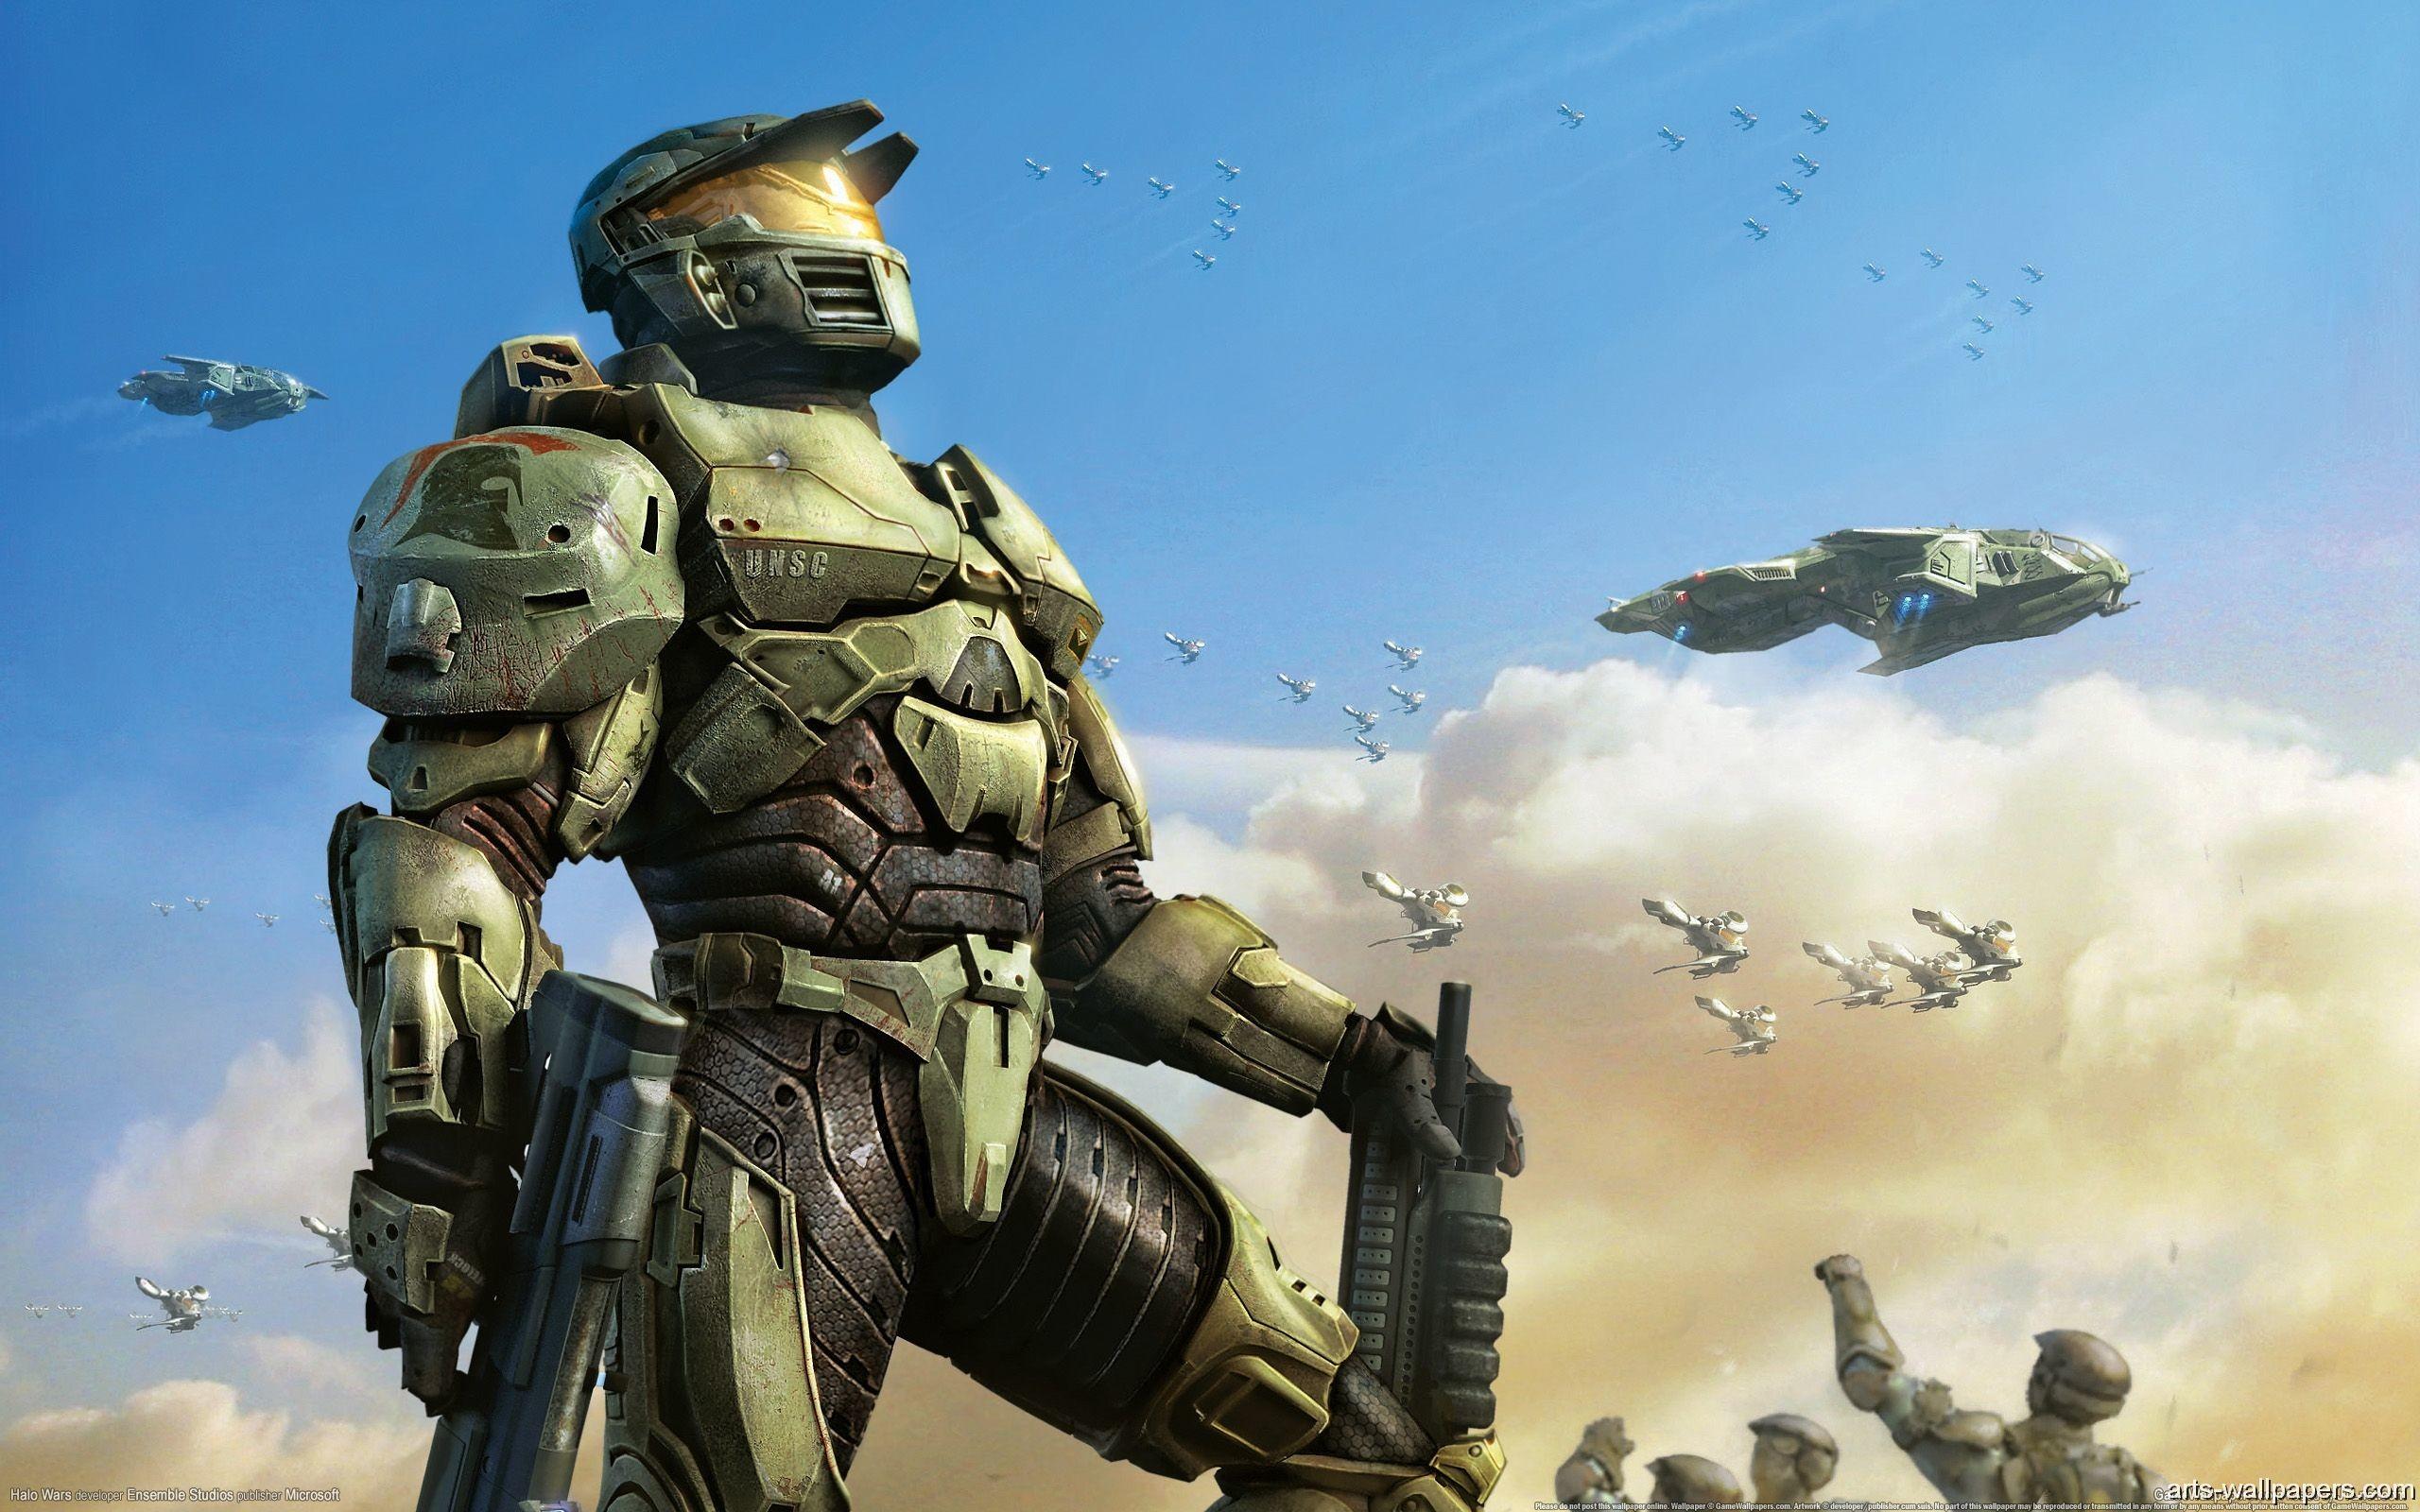 Res: 2560x1600, Halo Wars UNSC Spartan